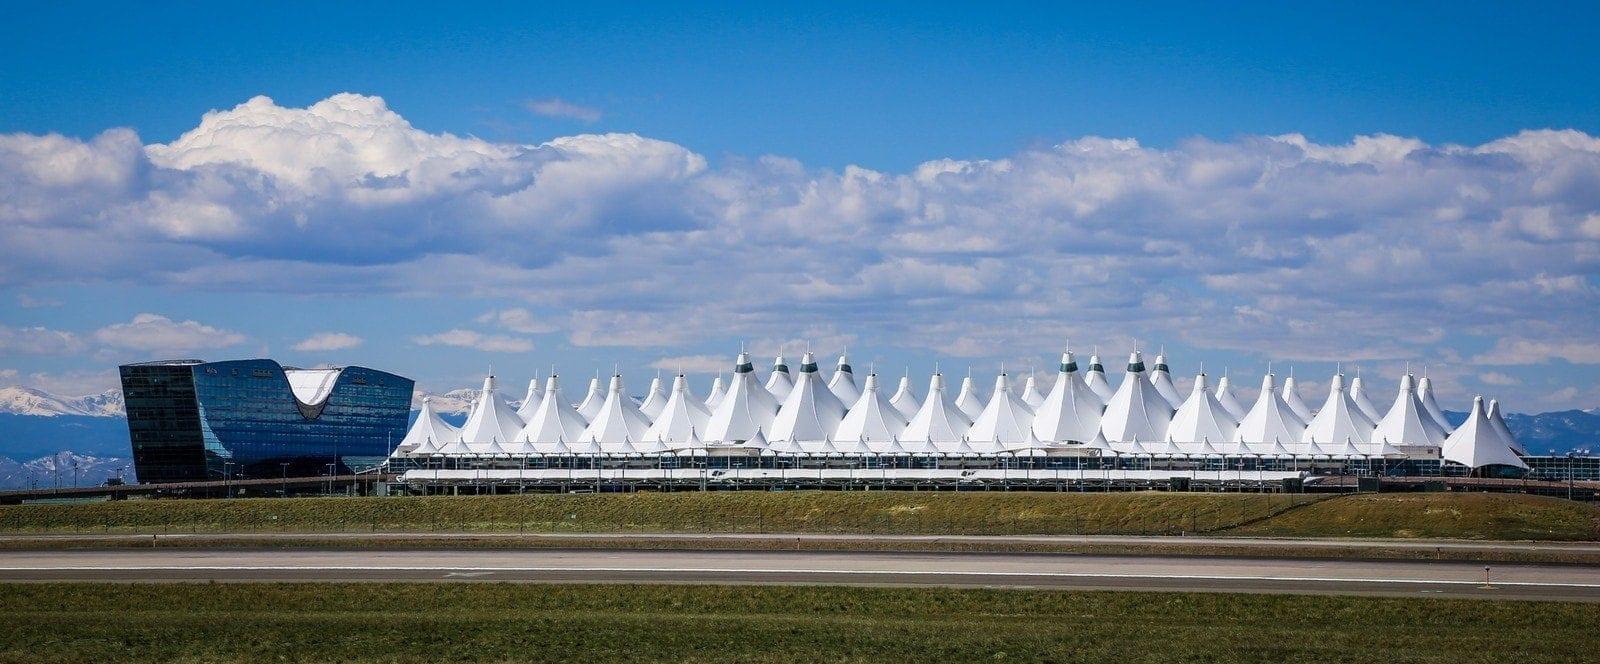 Jeppensen Terminal in Denver Airport USA